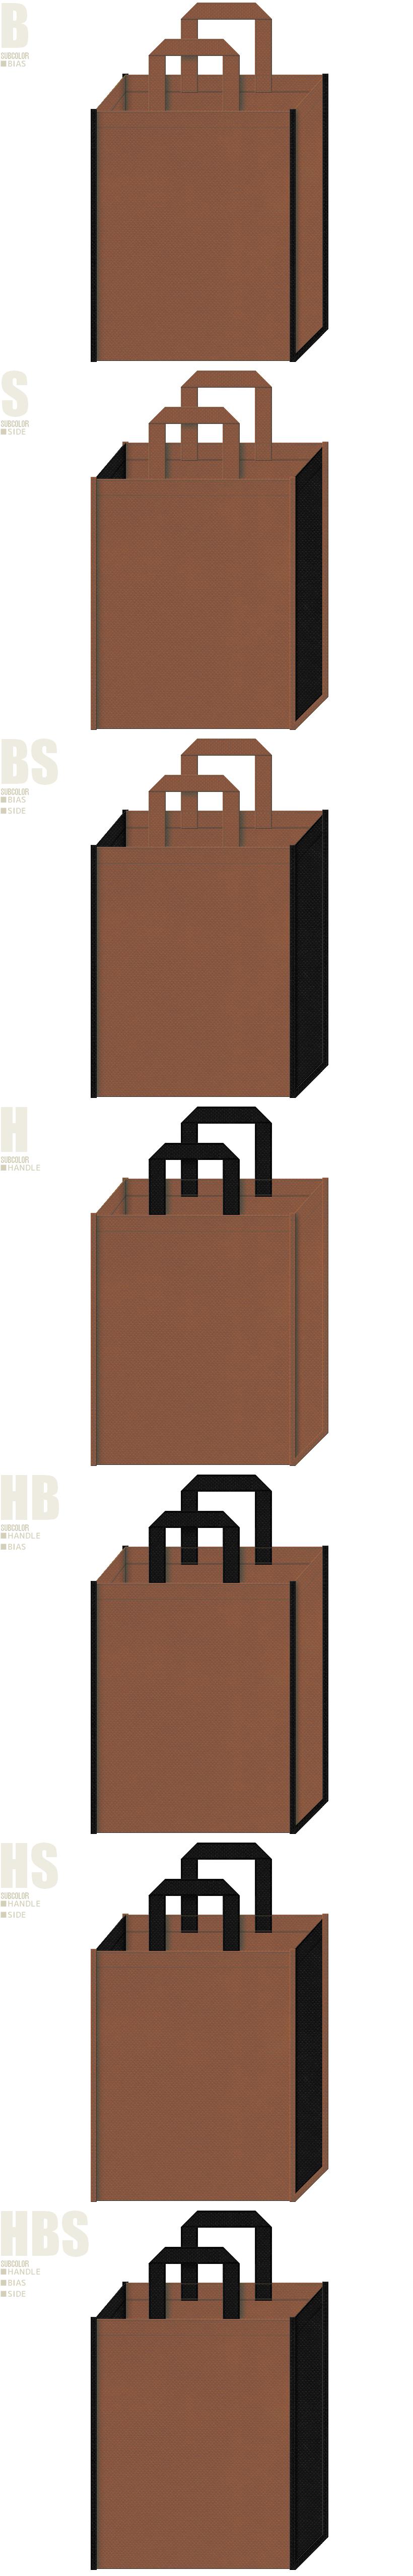 お城・城下町・ゲームのバッグノベルティにお奨めです。茶色と黒色、7パターンの不織布トートバッグ配色デザイン例。大名・参勤交代・忍者のイメージ。